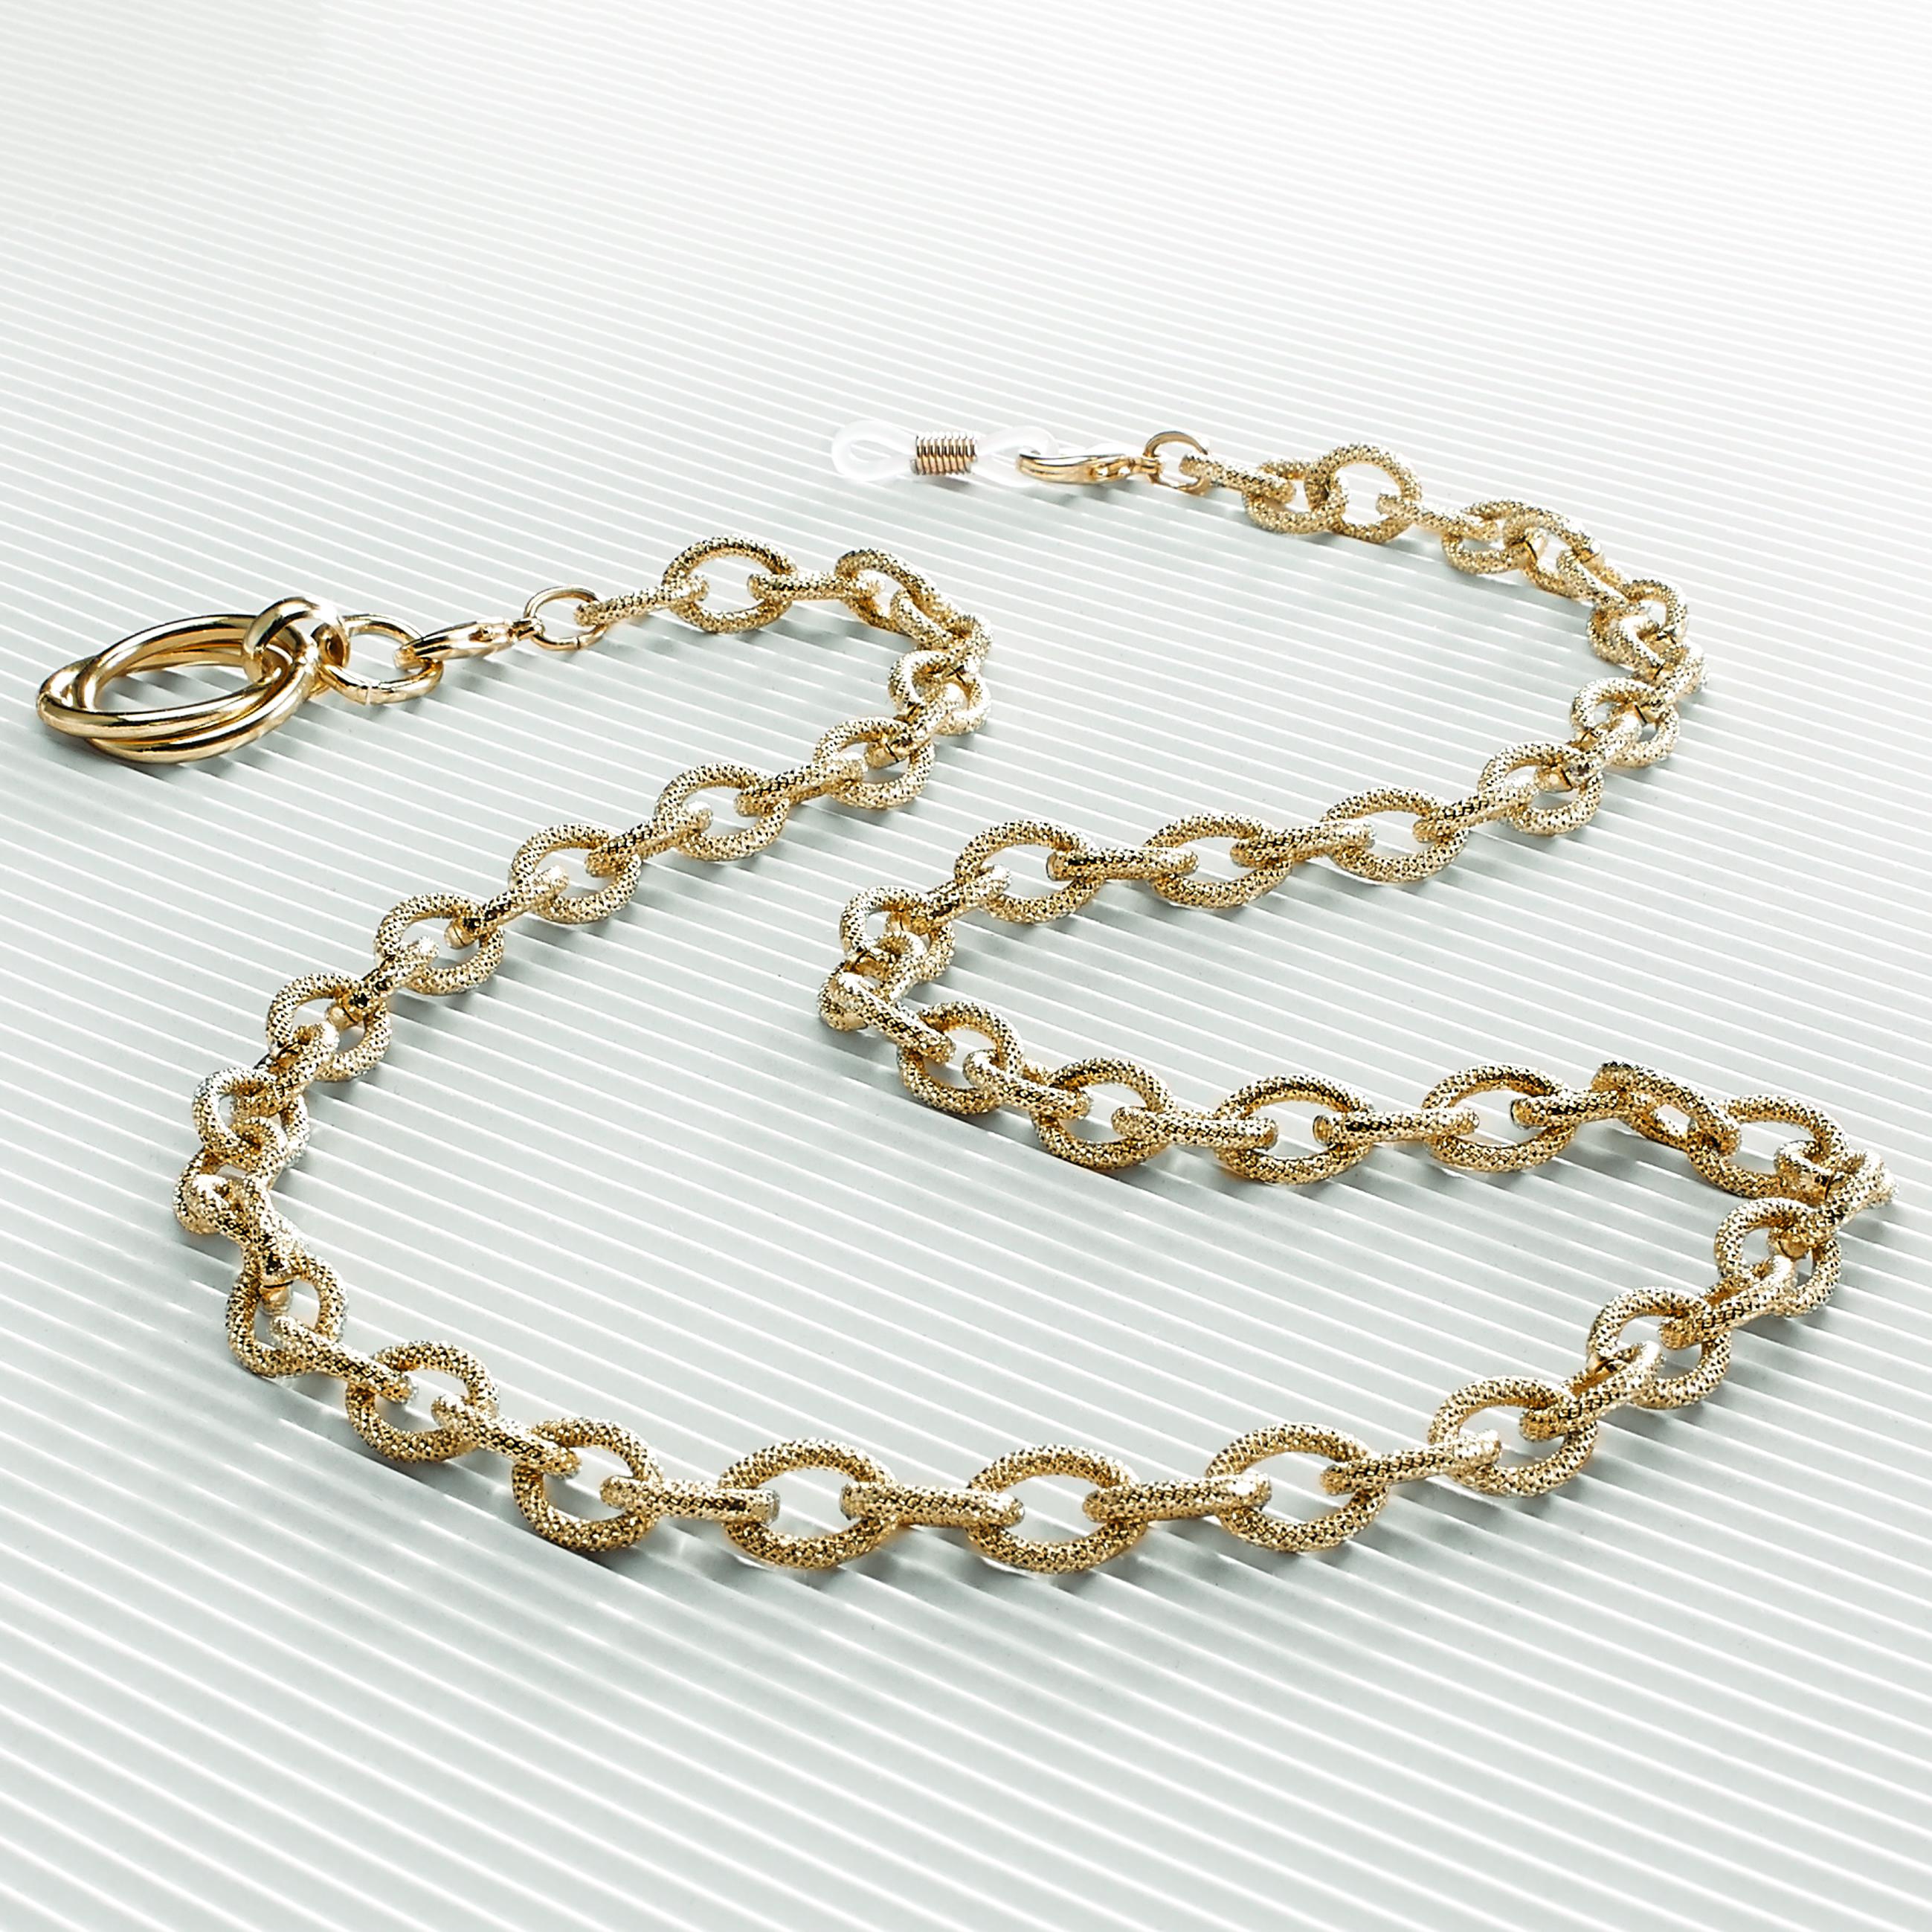 0210071-Corrente metal dourado estojo microfibraFLAG E - Contém 1 Peça  - SOB ENCOMENDA